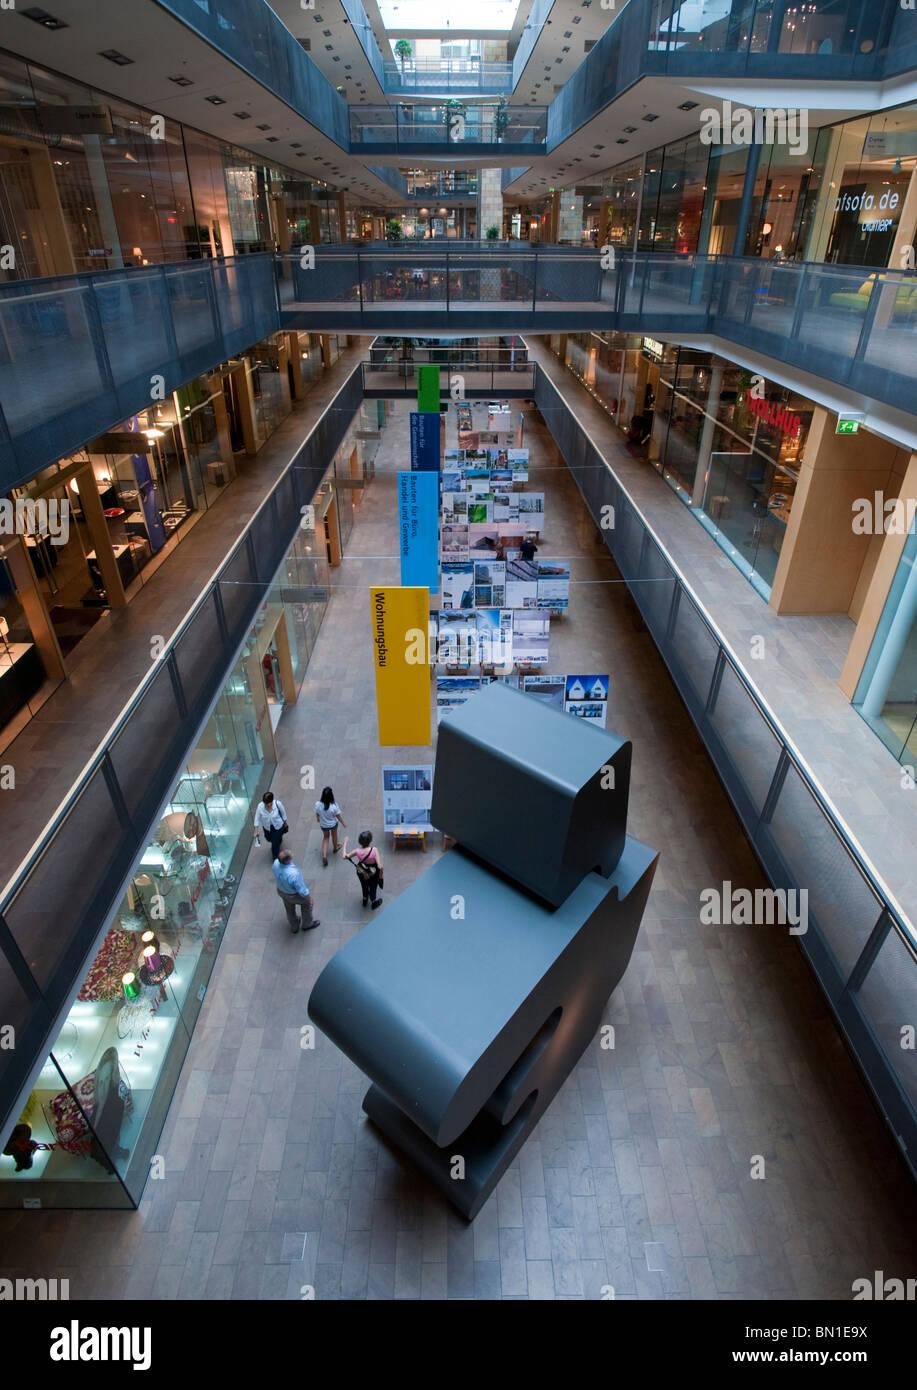 Exclusive Shop Interior Stock Photos & Exclusive Shop Interior ...